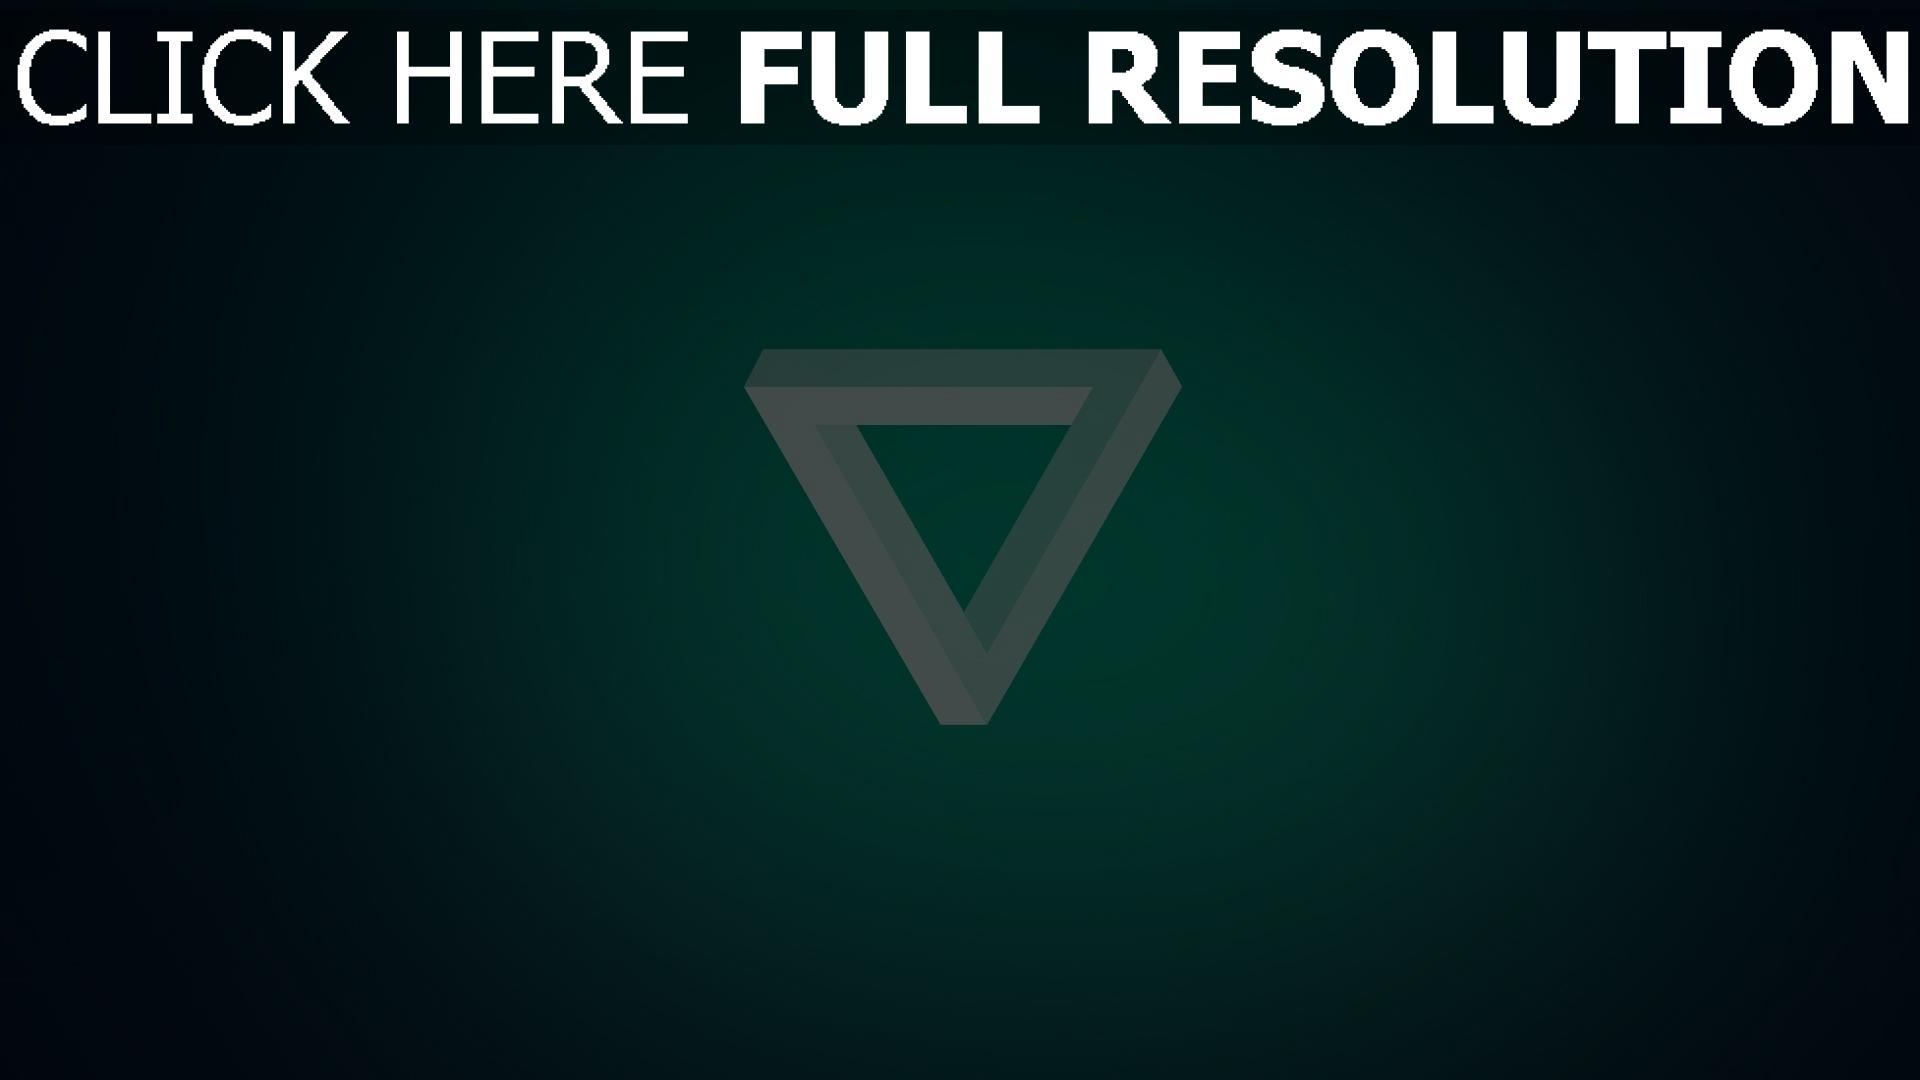 fond d'écran 1920x1080 triangle inversé turquoise